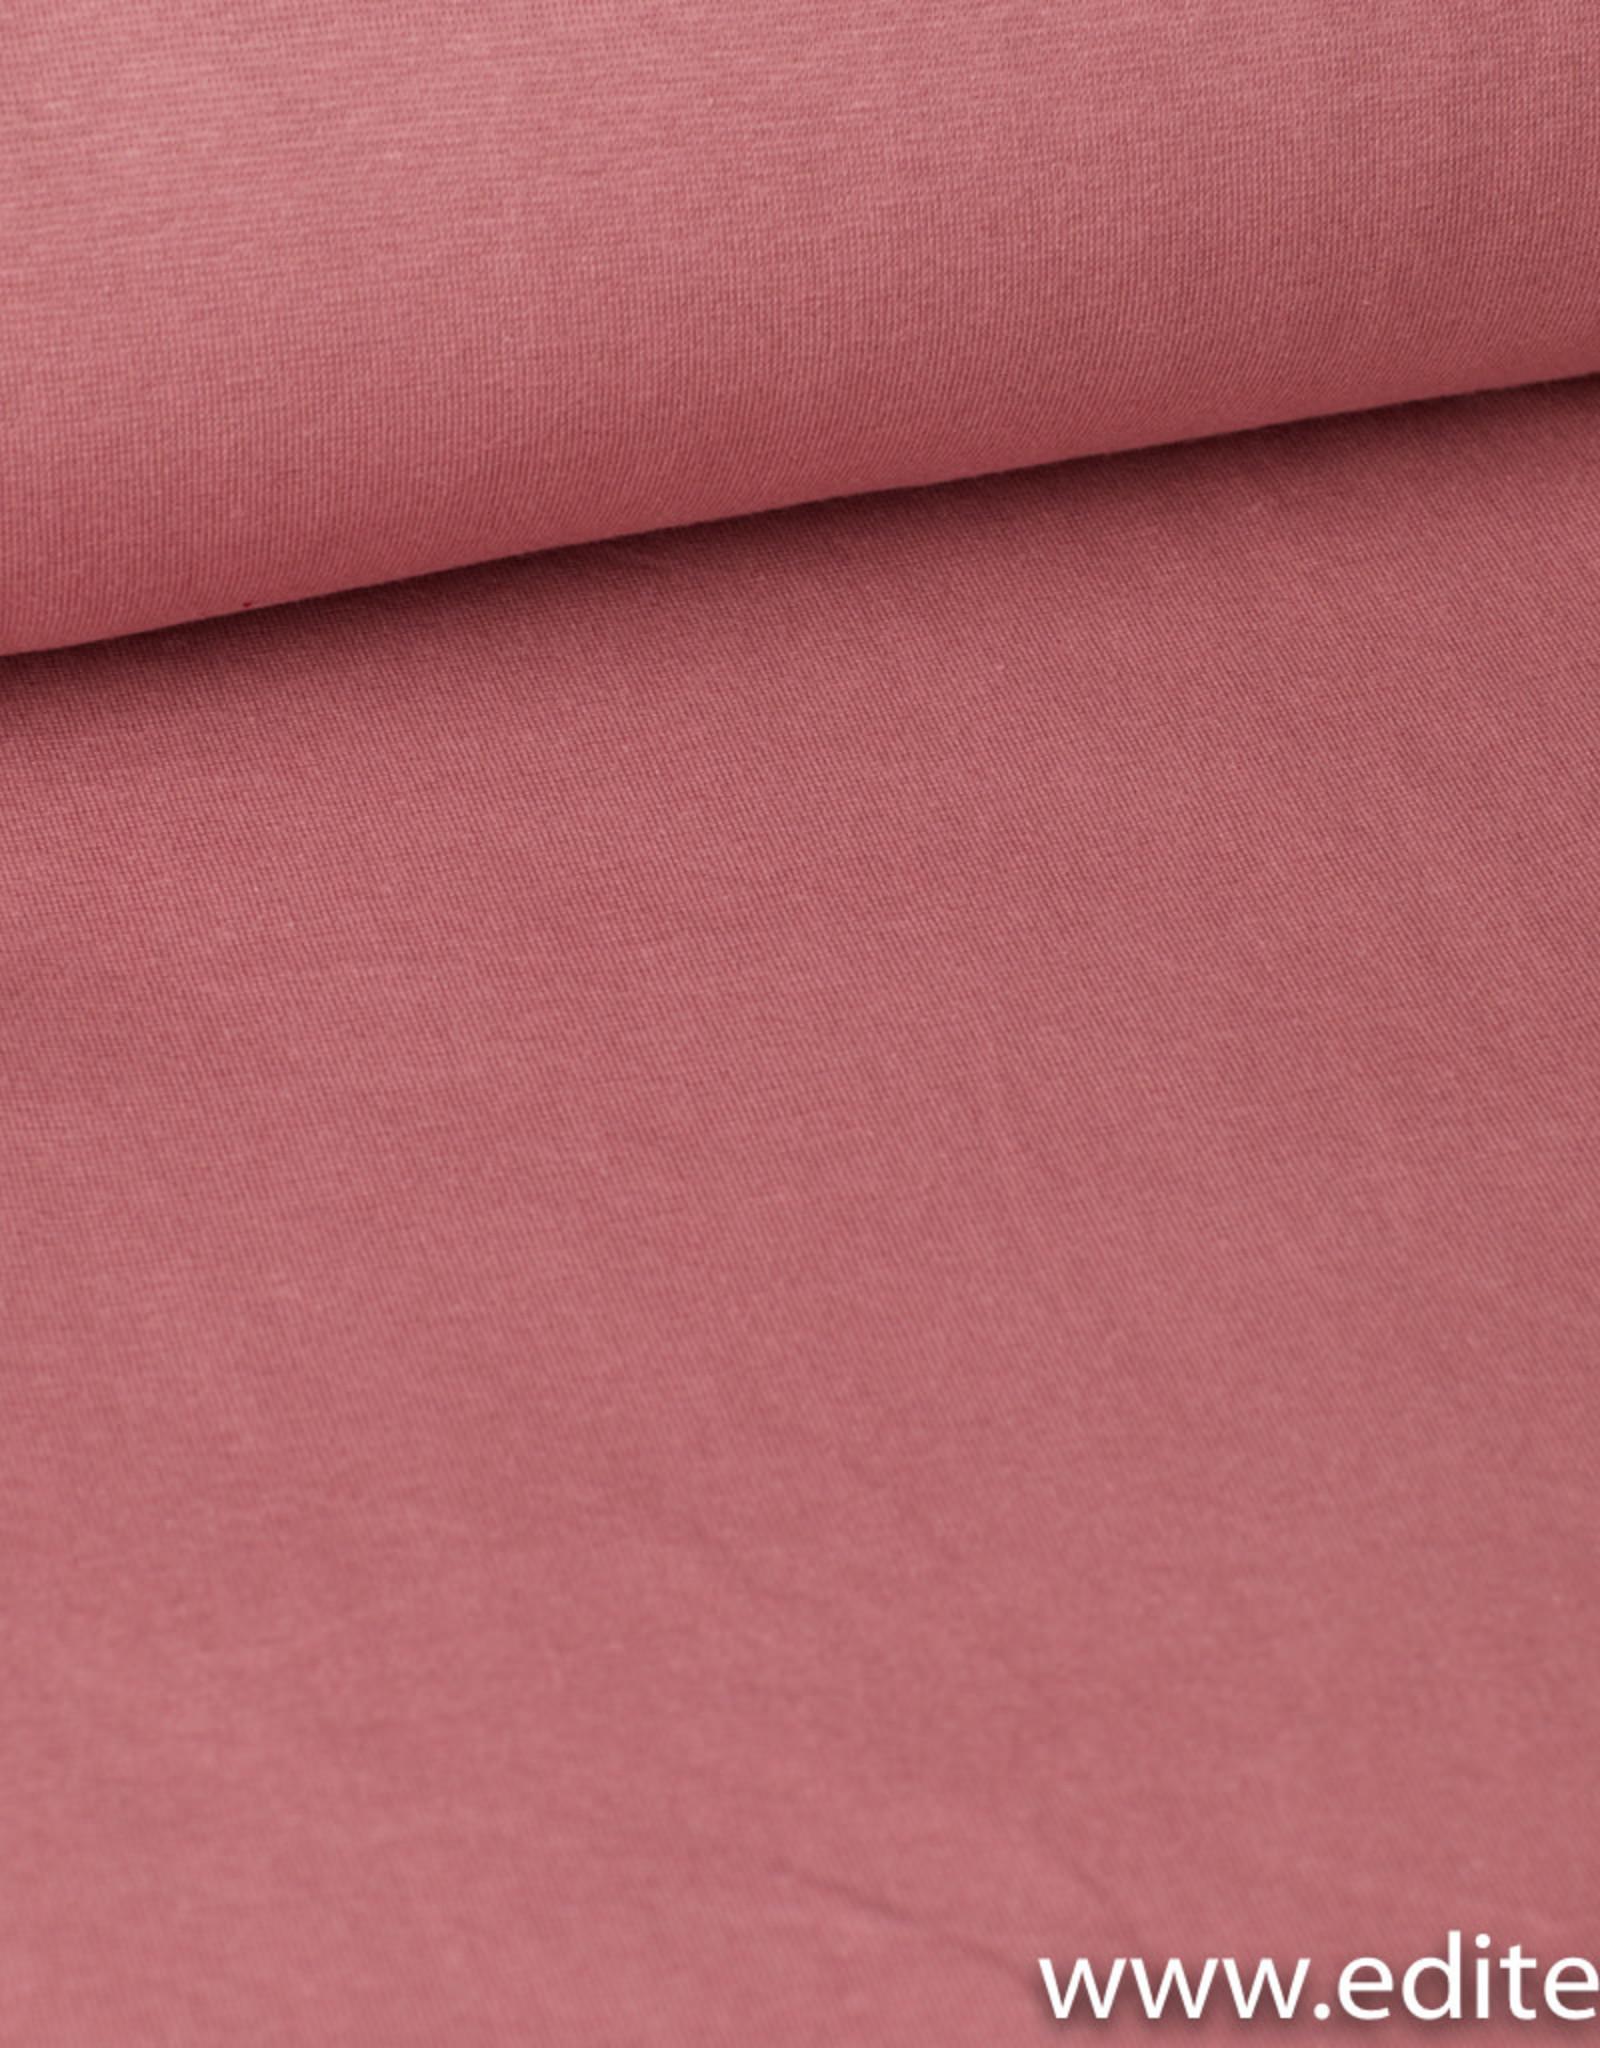 Editex Boordstof oud roze